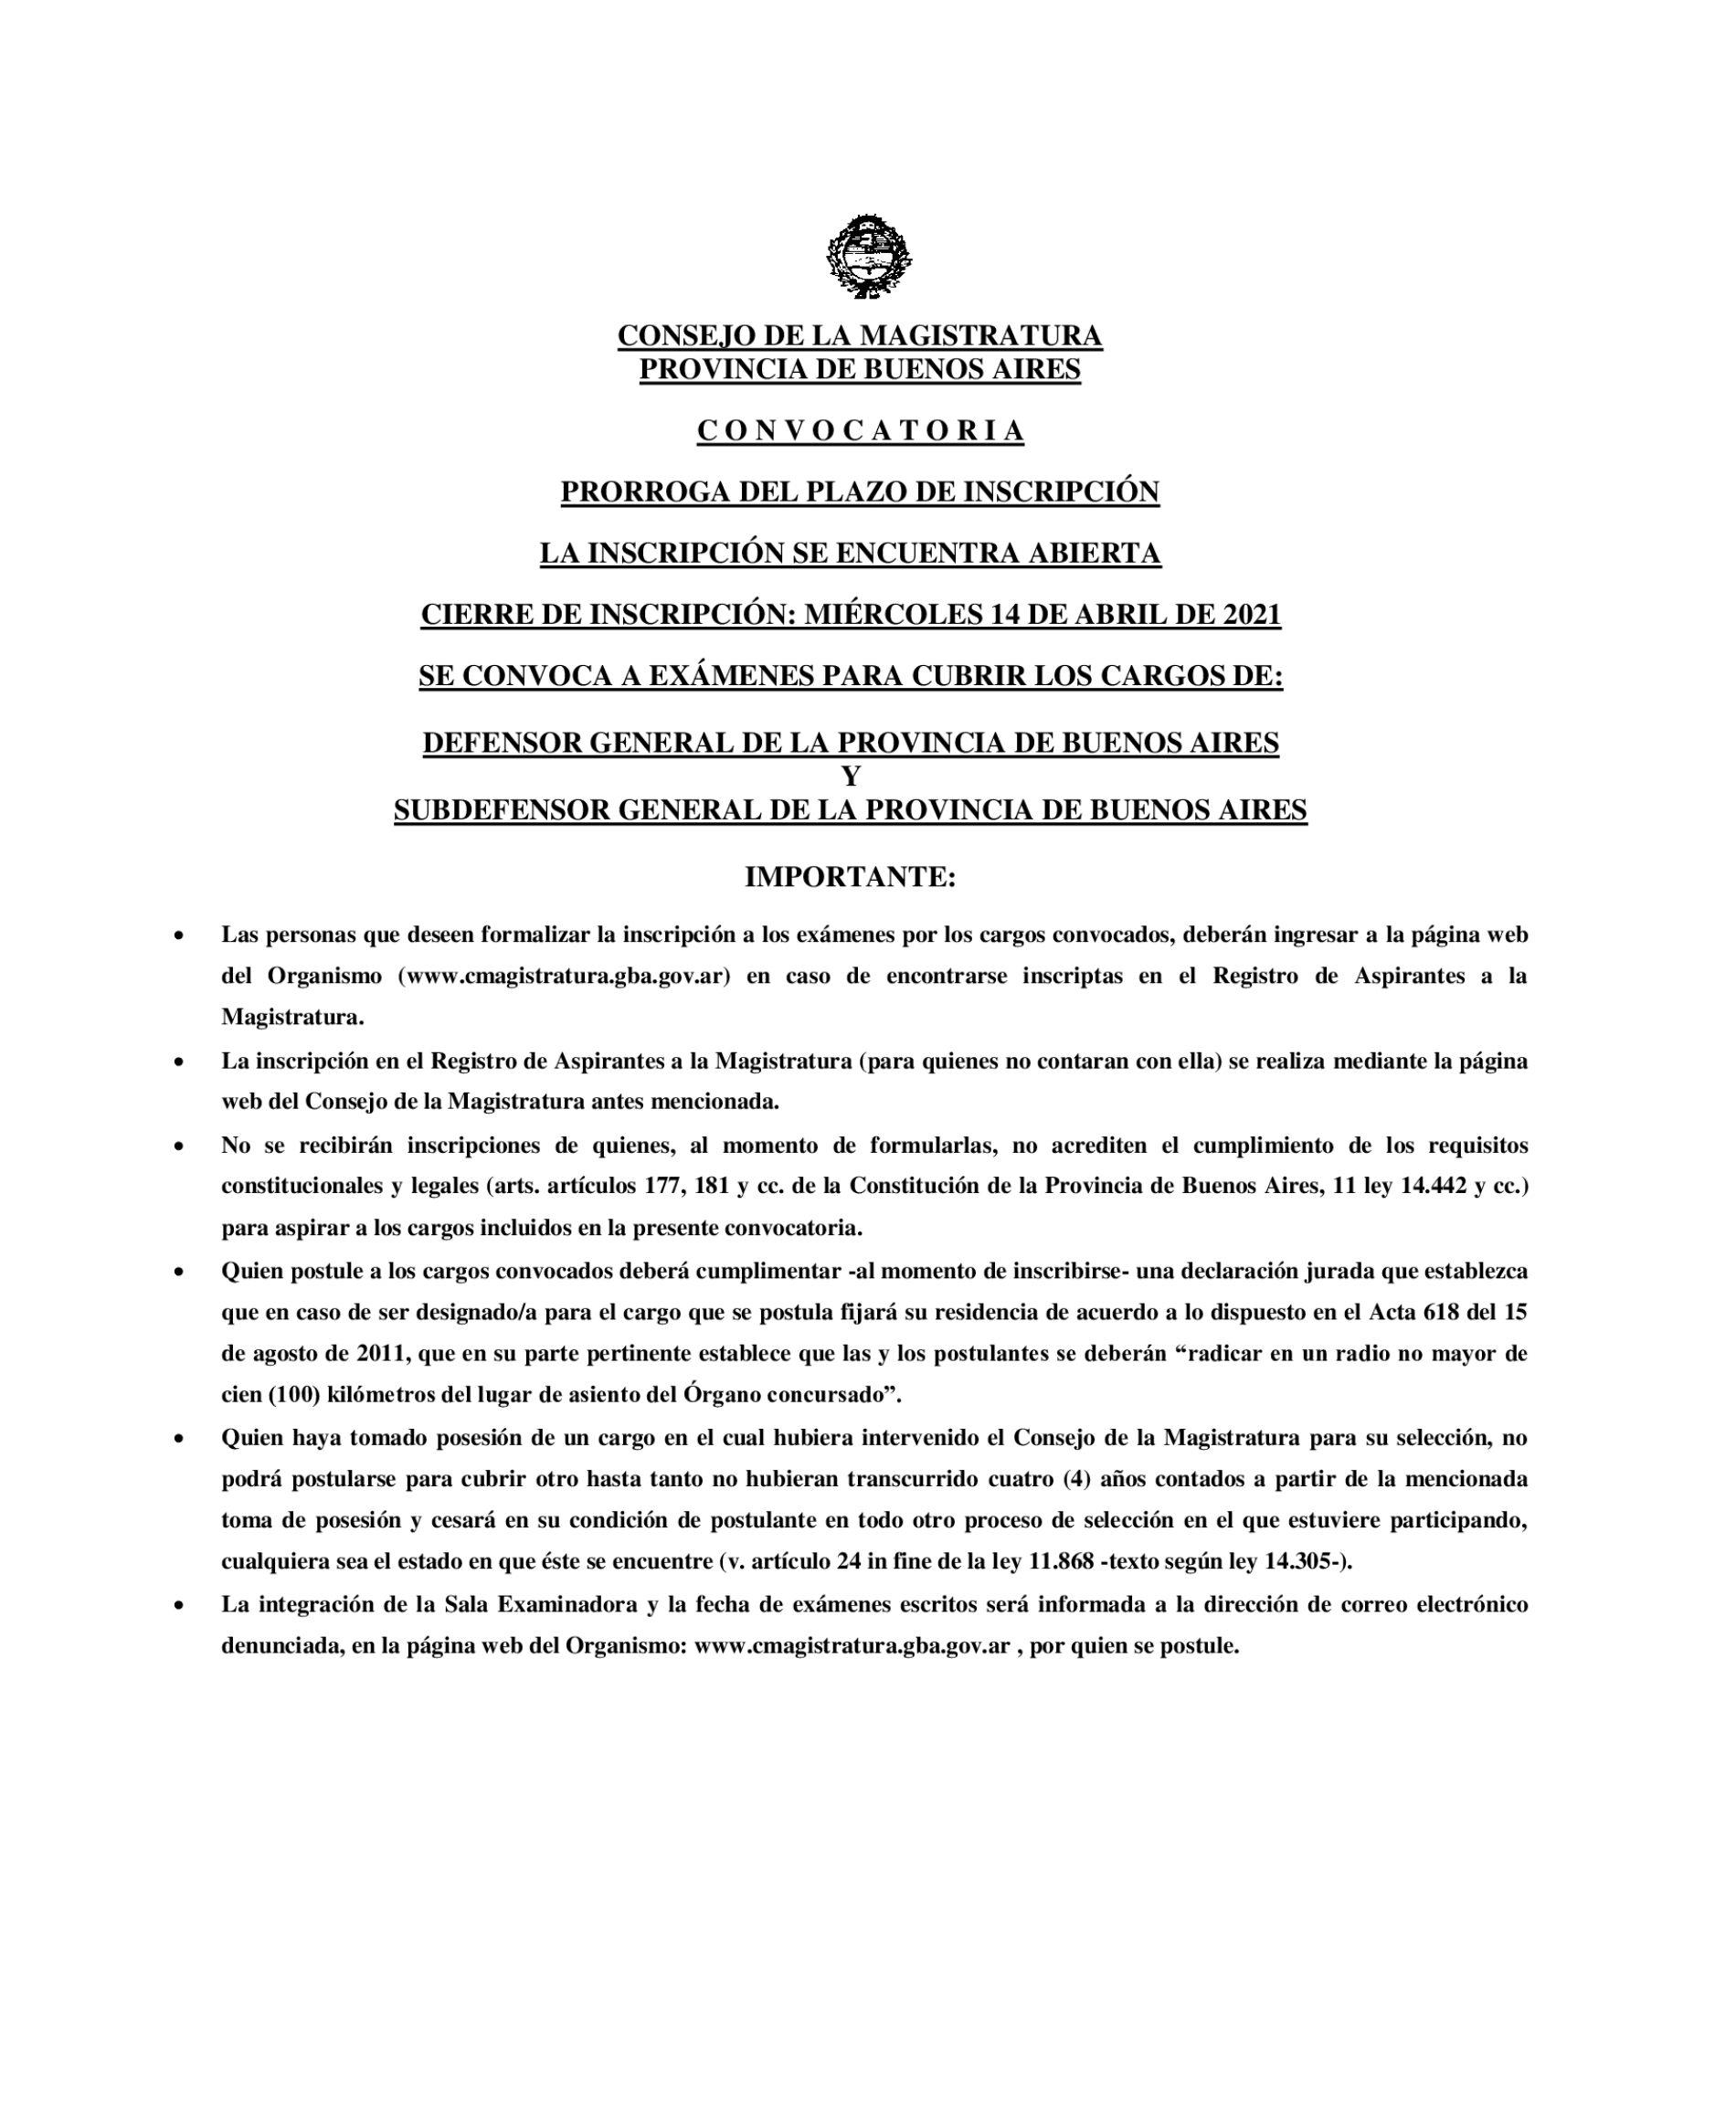 Información del Consejo de la Magistratura Bonaerense: prórroga de inscripción convocatoria Nro. 1